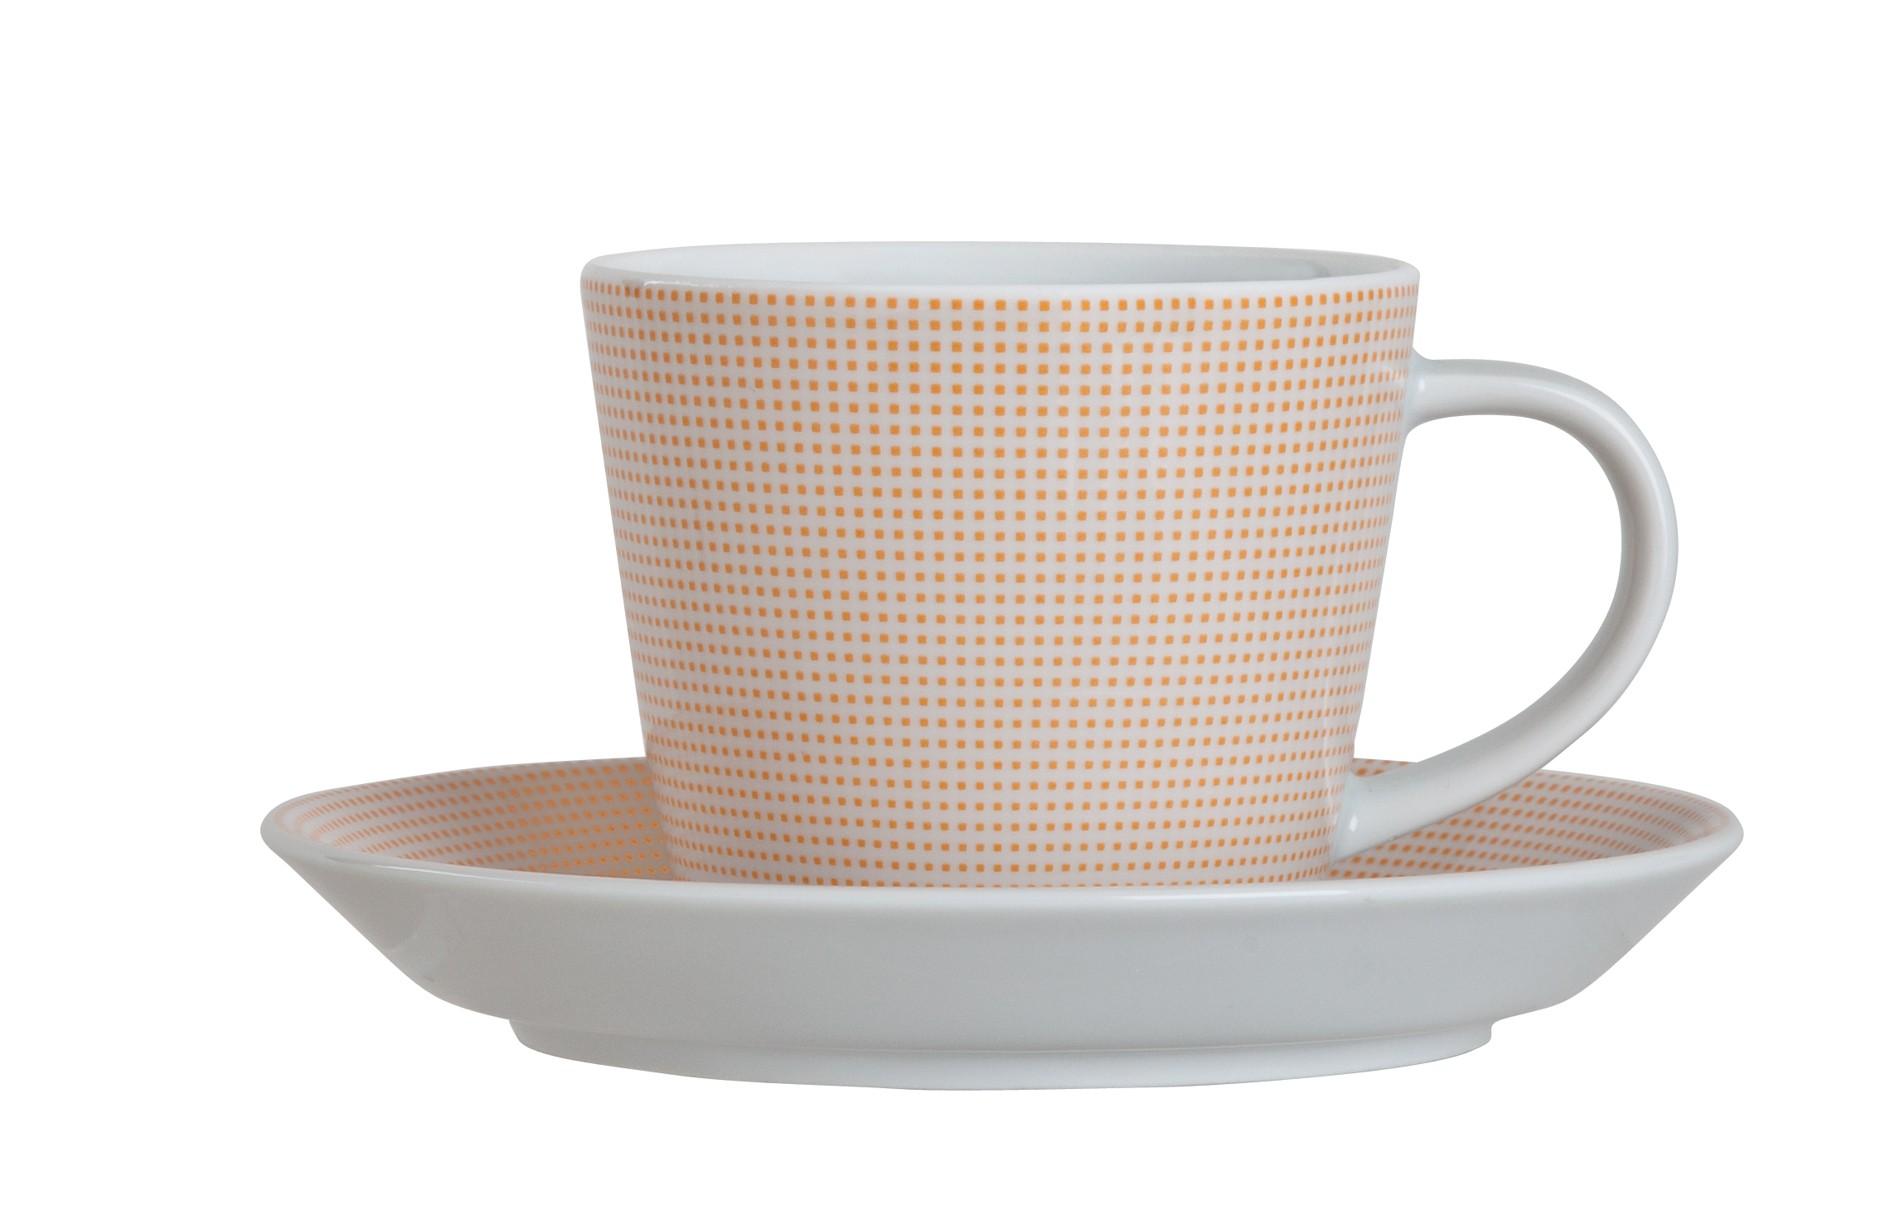 Φλυτζάνι & Πιάτο Καφέ Punto Orange Σετ 6τμχ Ionia home   ειδη cafe τσαϊ   κούπες   φλυτζάνια